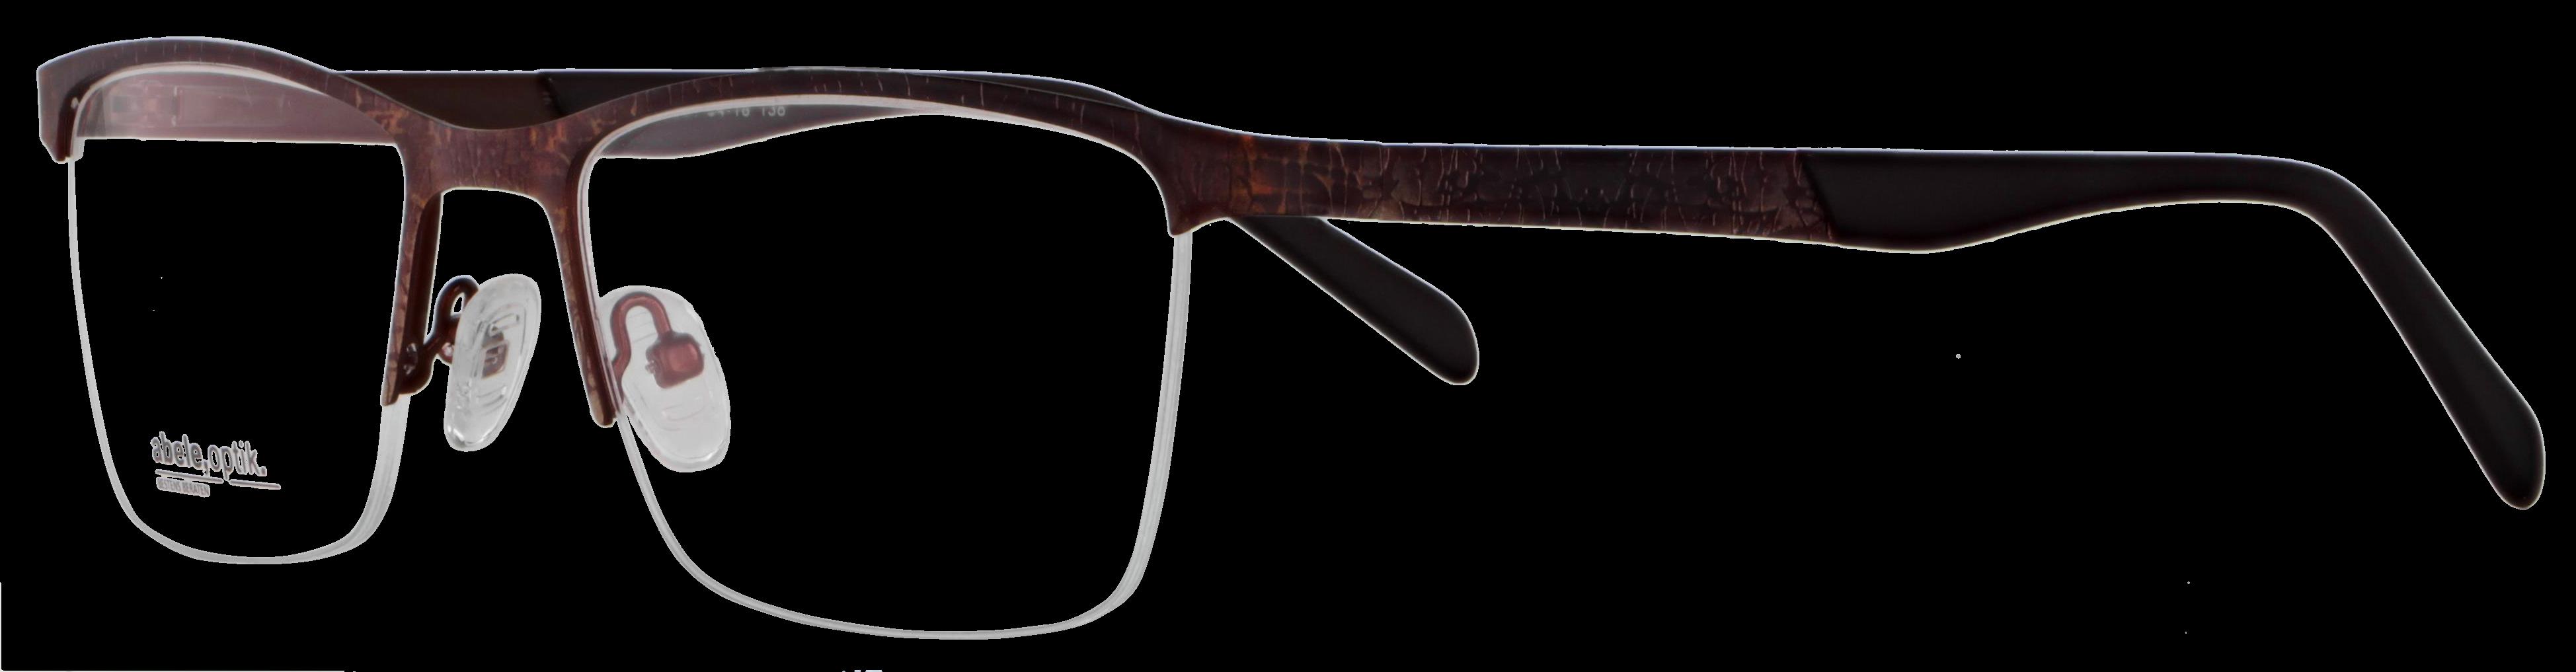 abele optik Brille 139381